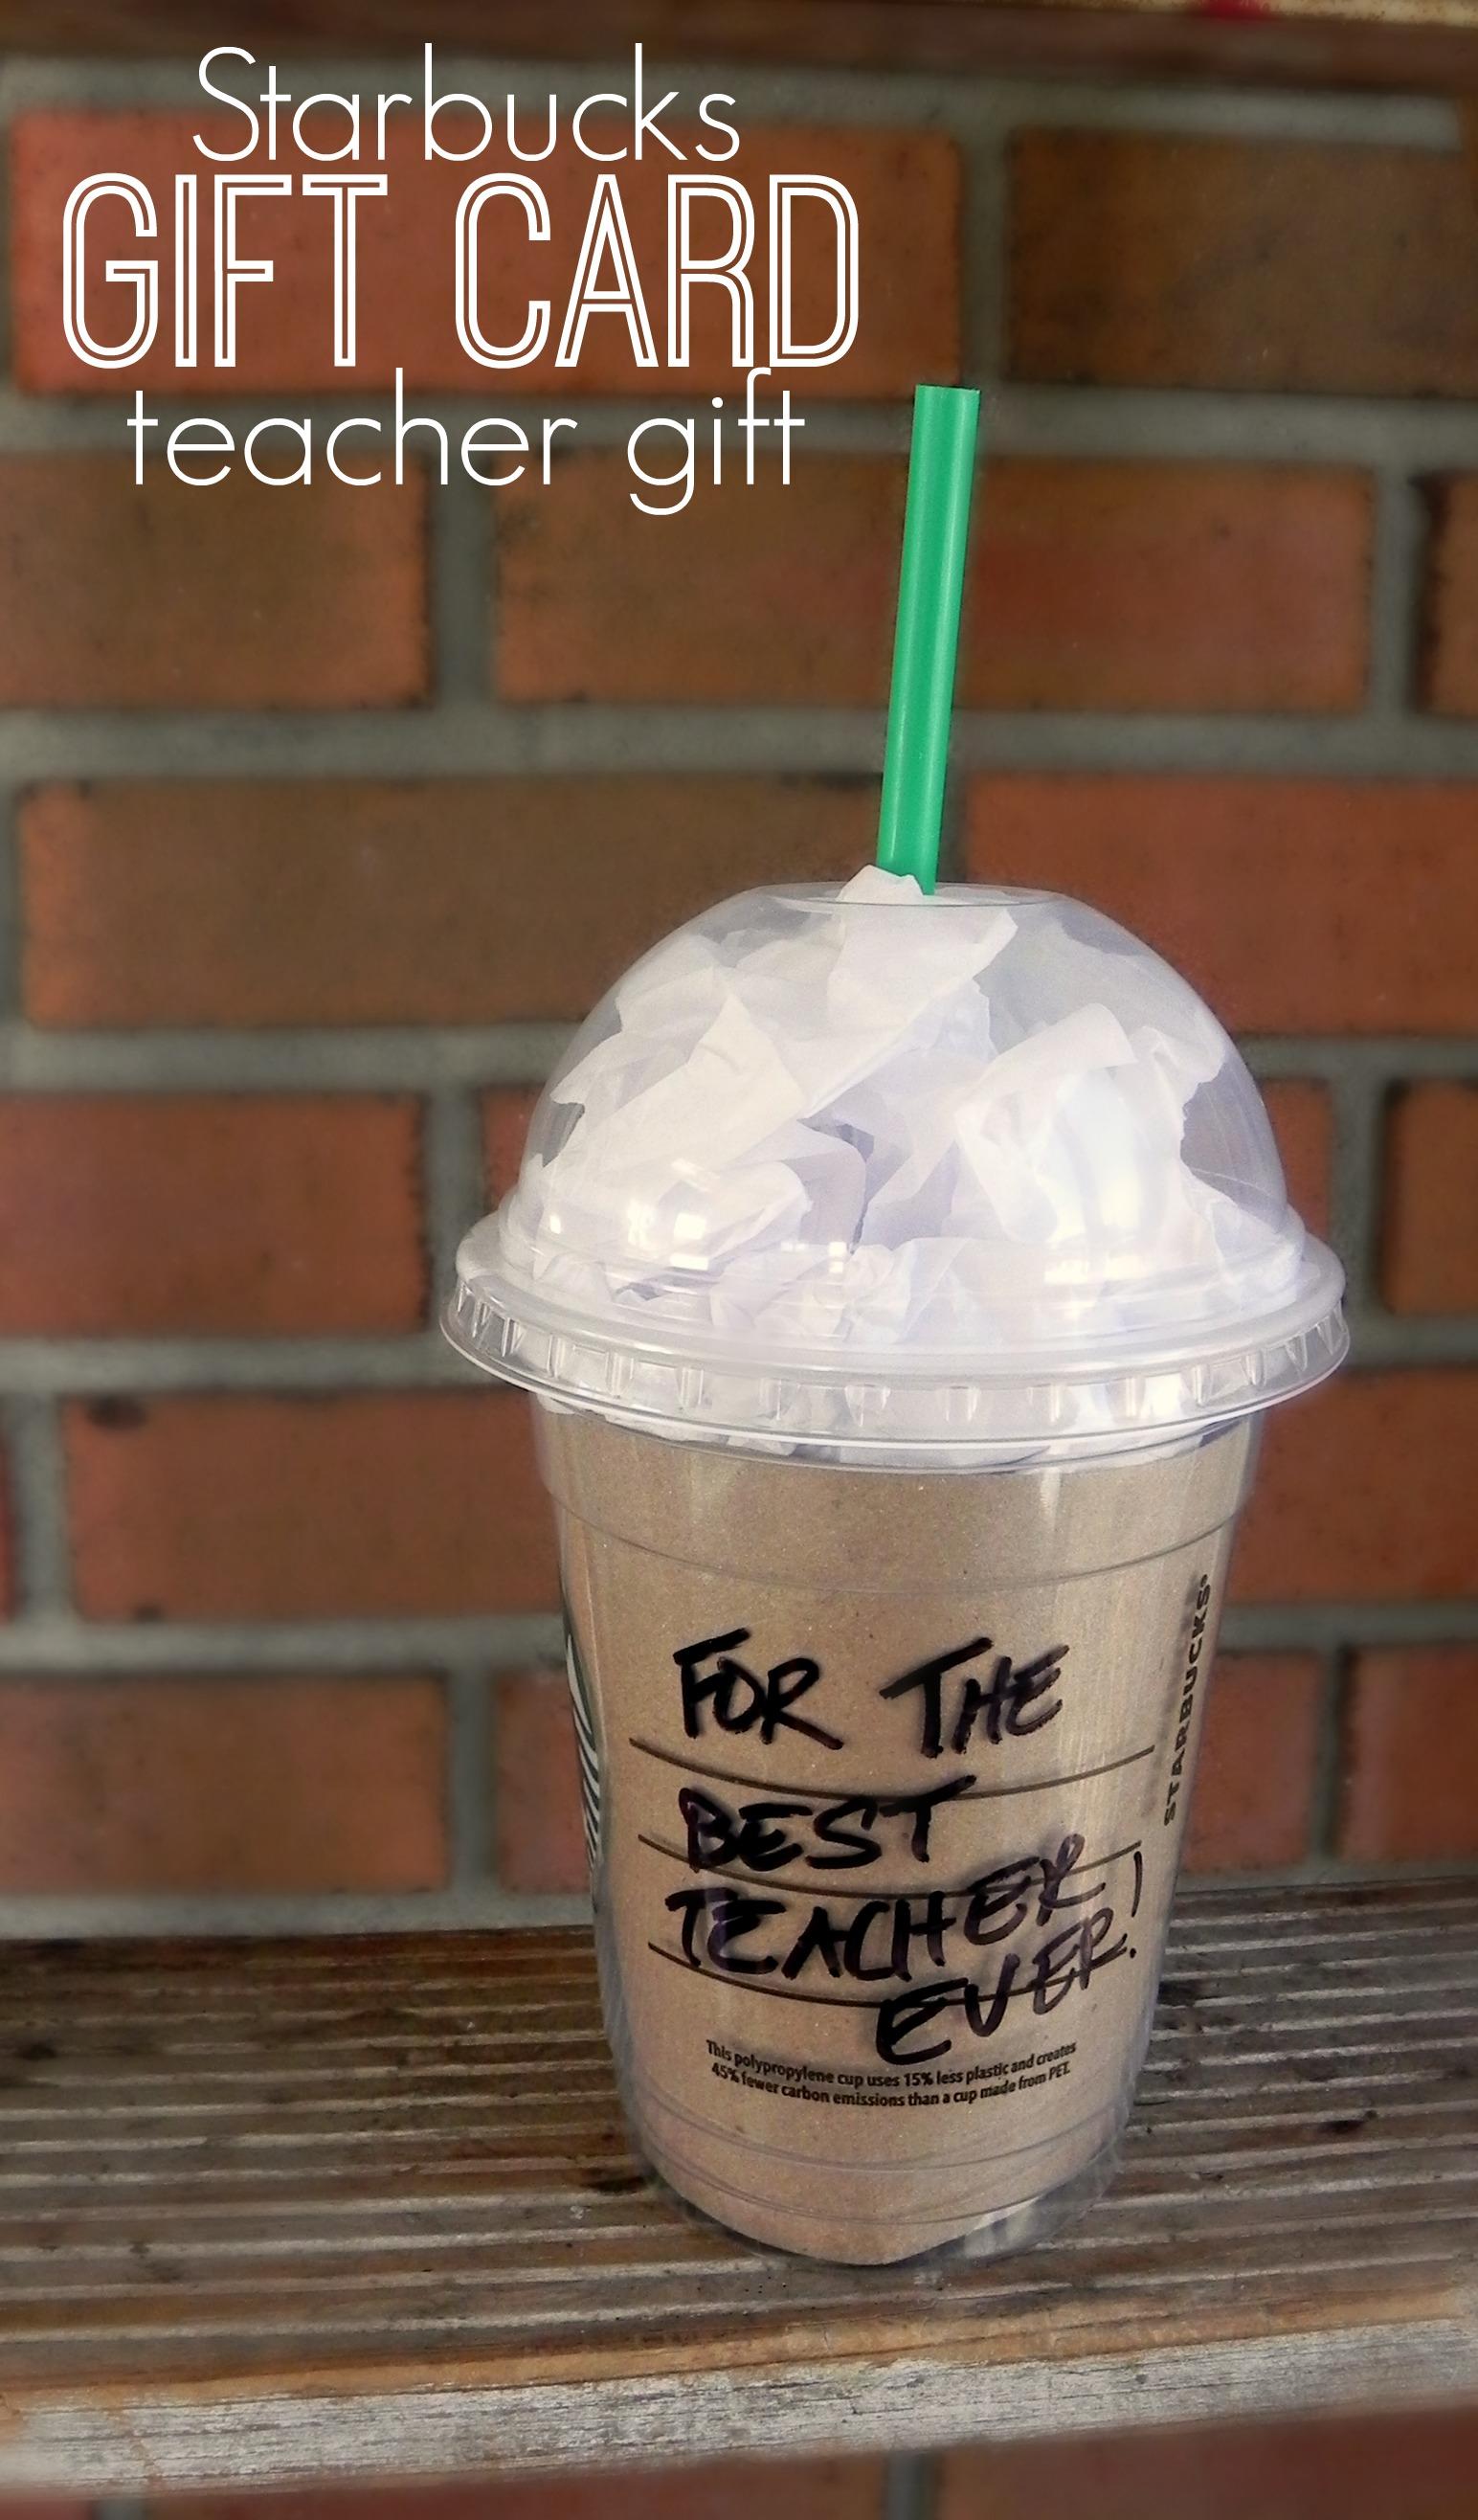 Starbucks Gift Card Teacher Gift